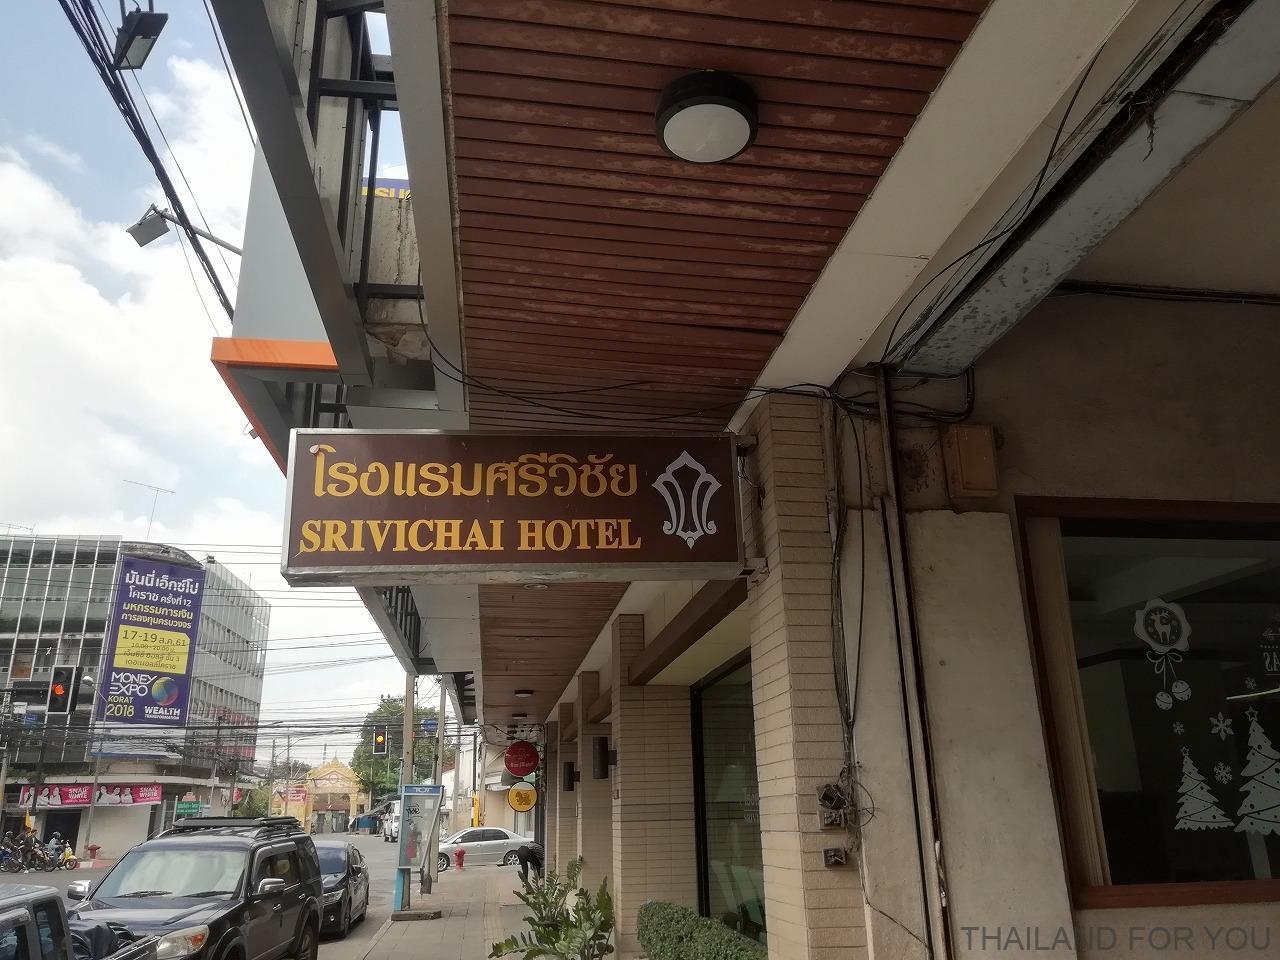 シーウィチャイホテル Srivichai hotel レビュー